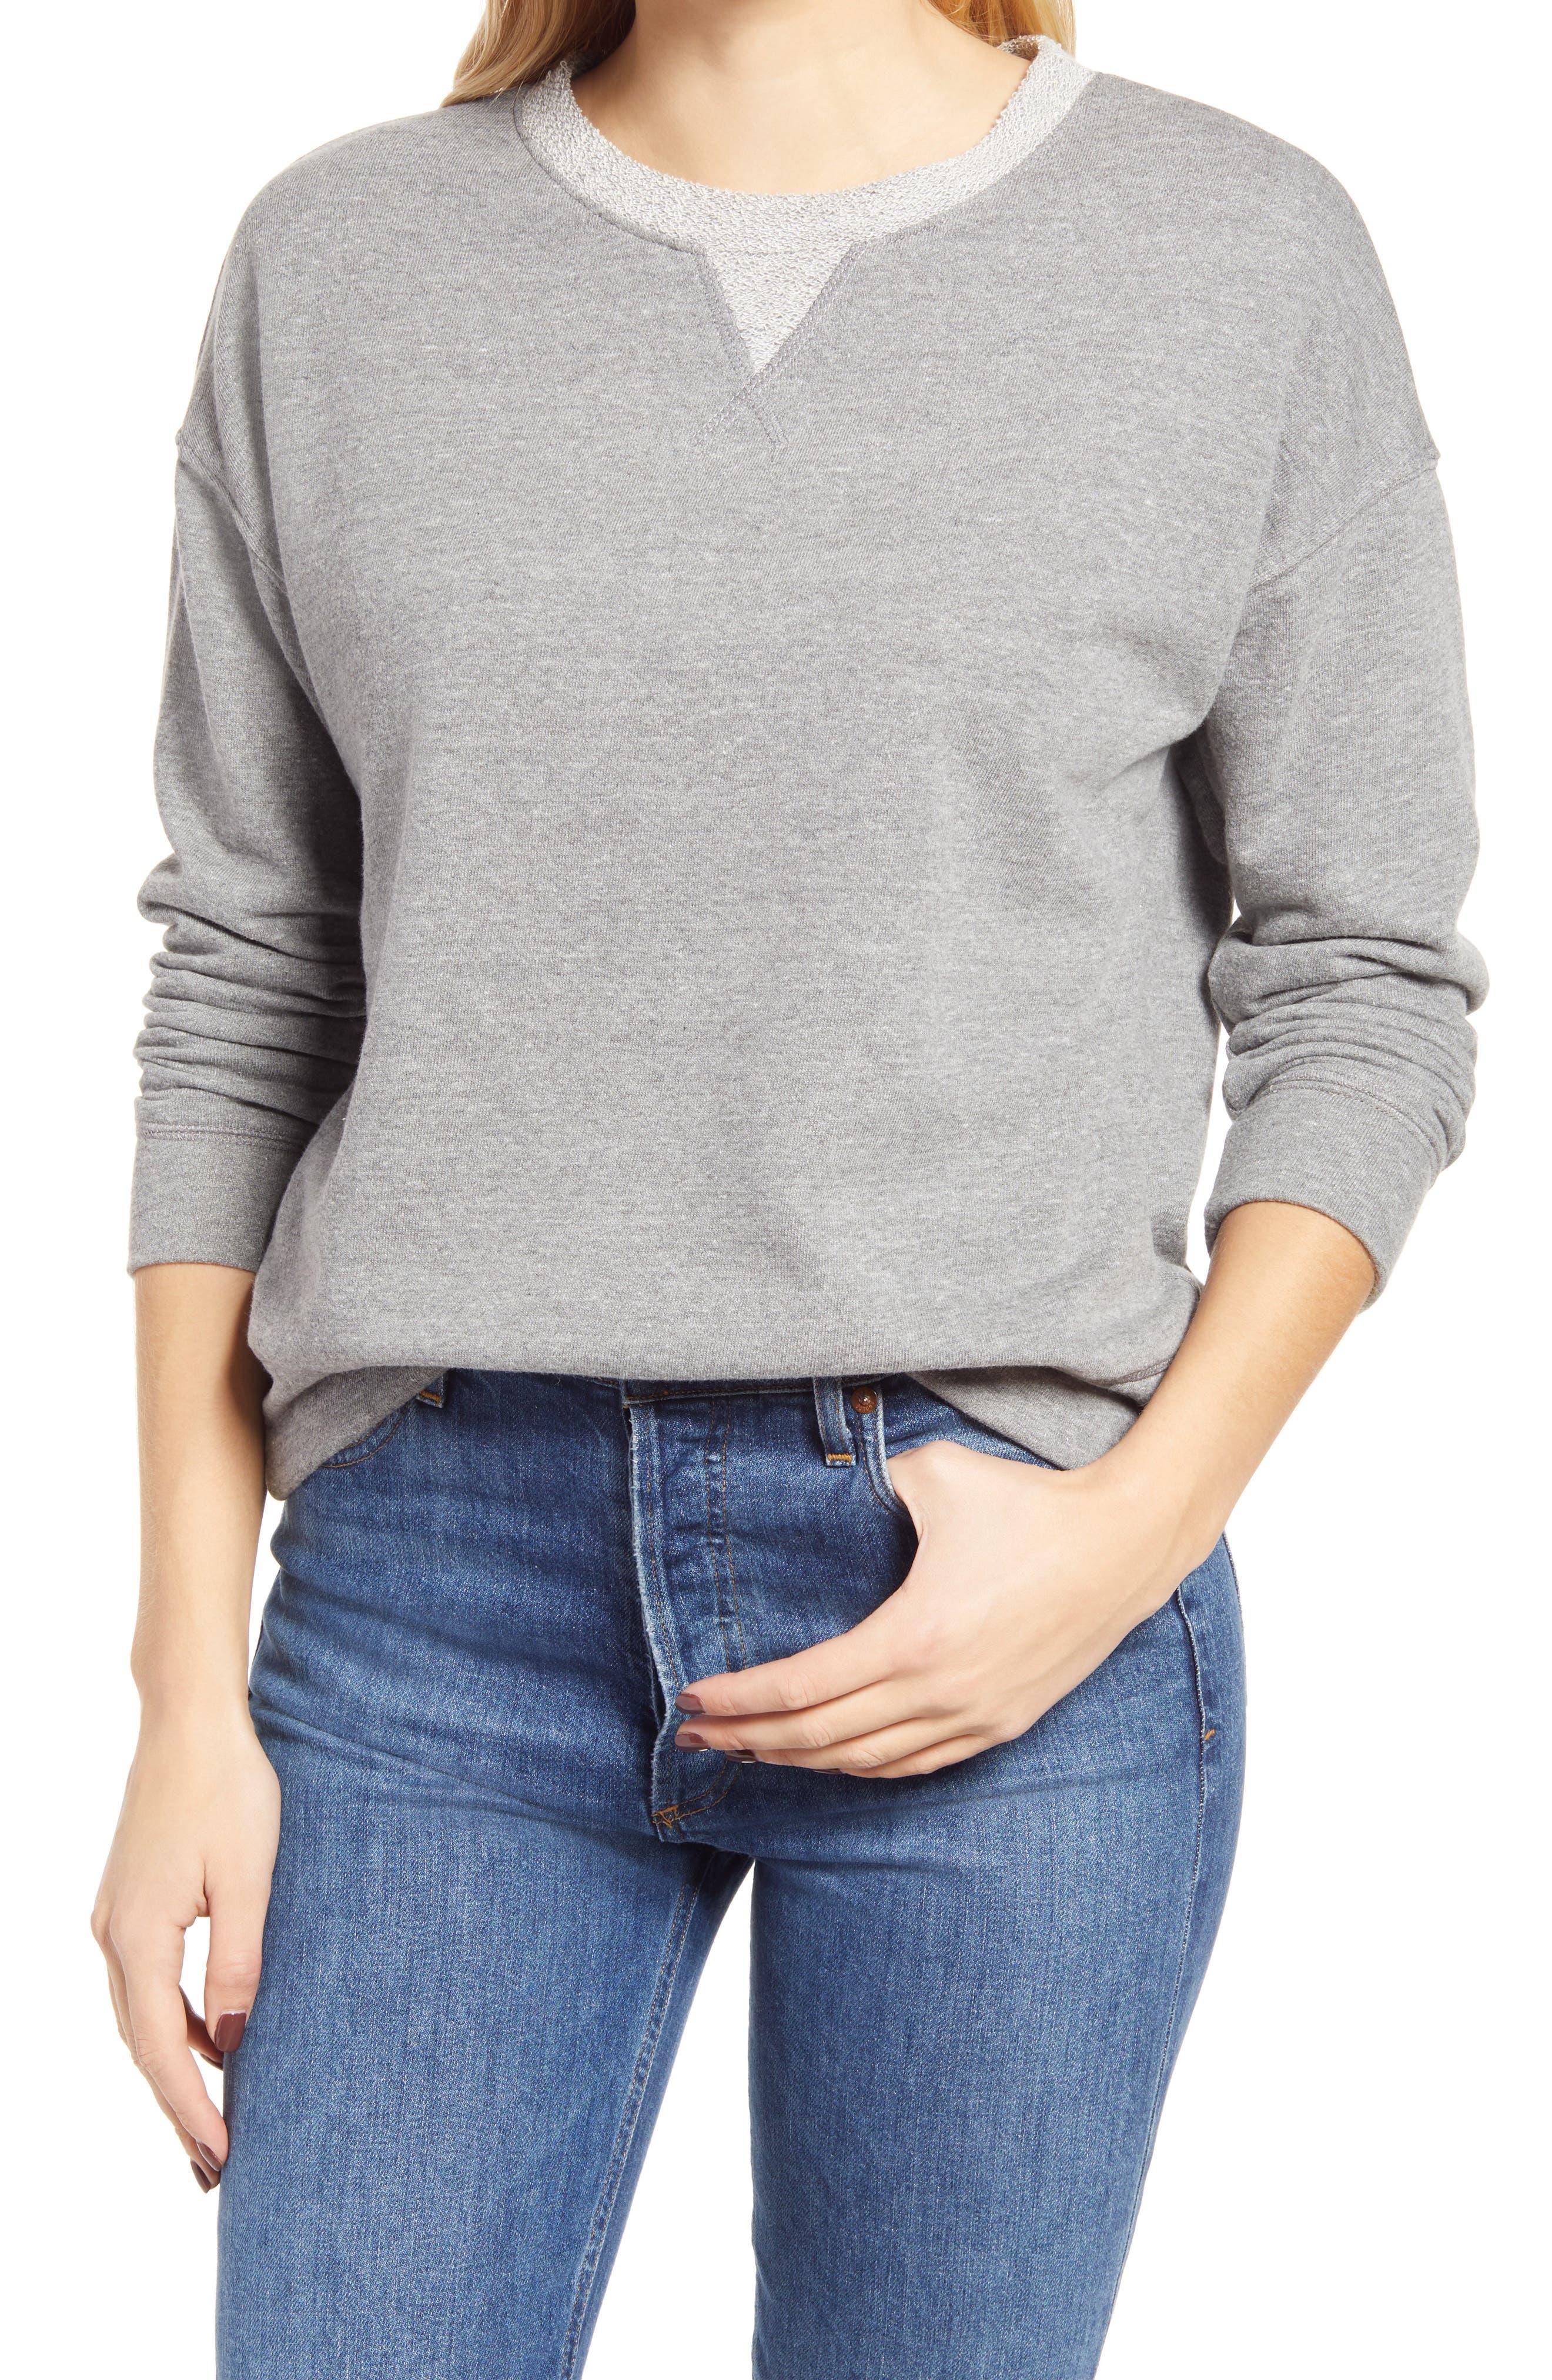 Everleigh Cotton Blend Sweatshirt   Nordstrom